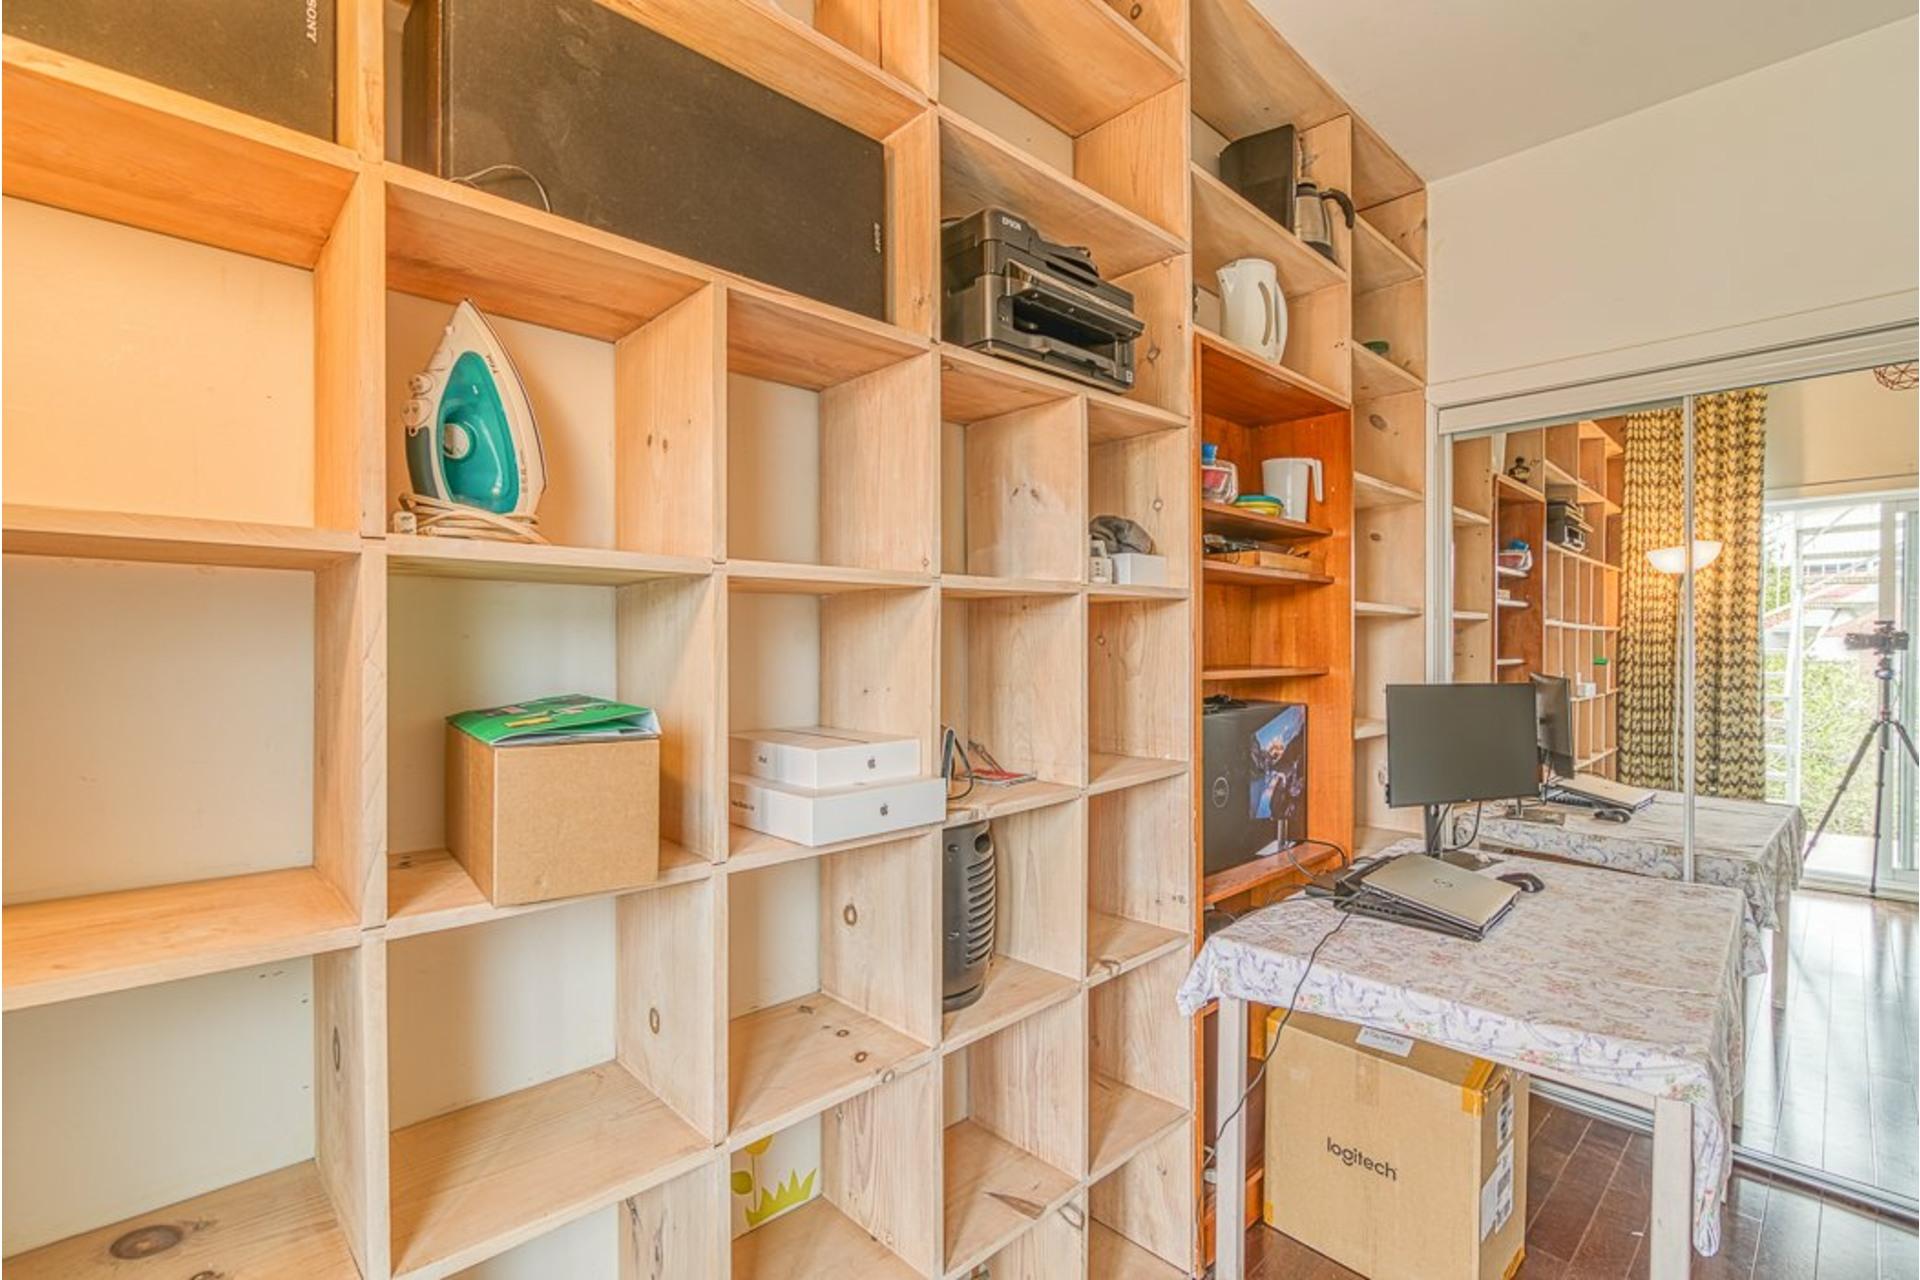 image 27 - Appartement À vendre Villeray/Saint-Michel/Parc-Extension Montréal  - 6 pièces